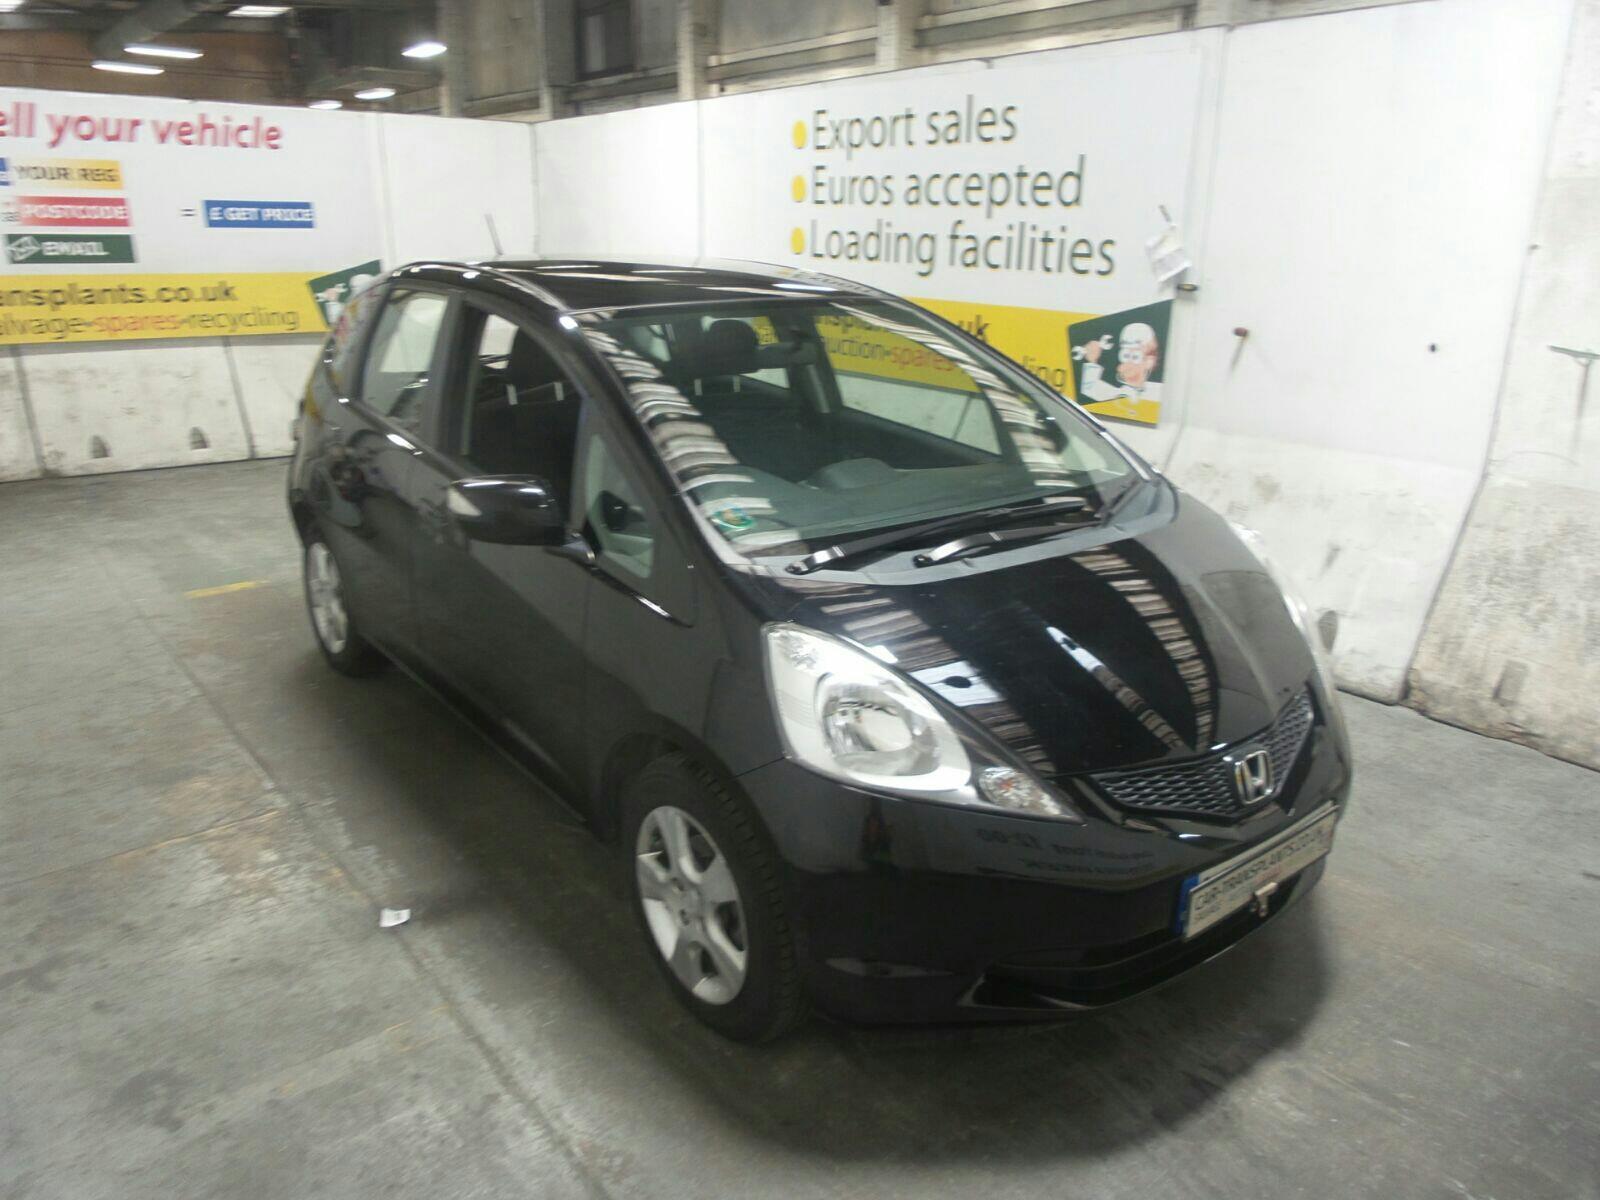 Honda Jazz 2009 To 2010 ES i-VTEC 5 Door Hatchback